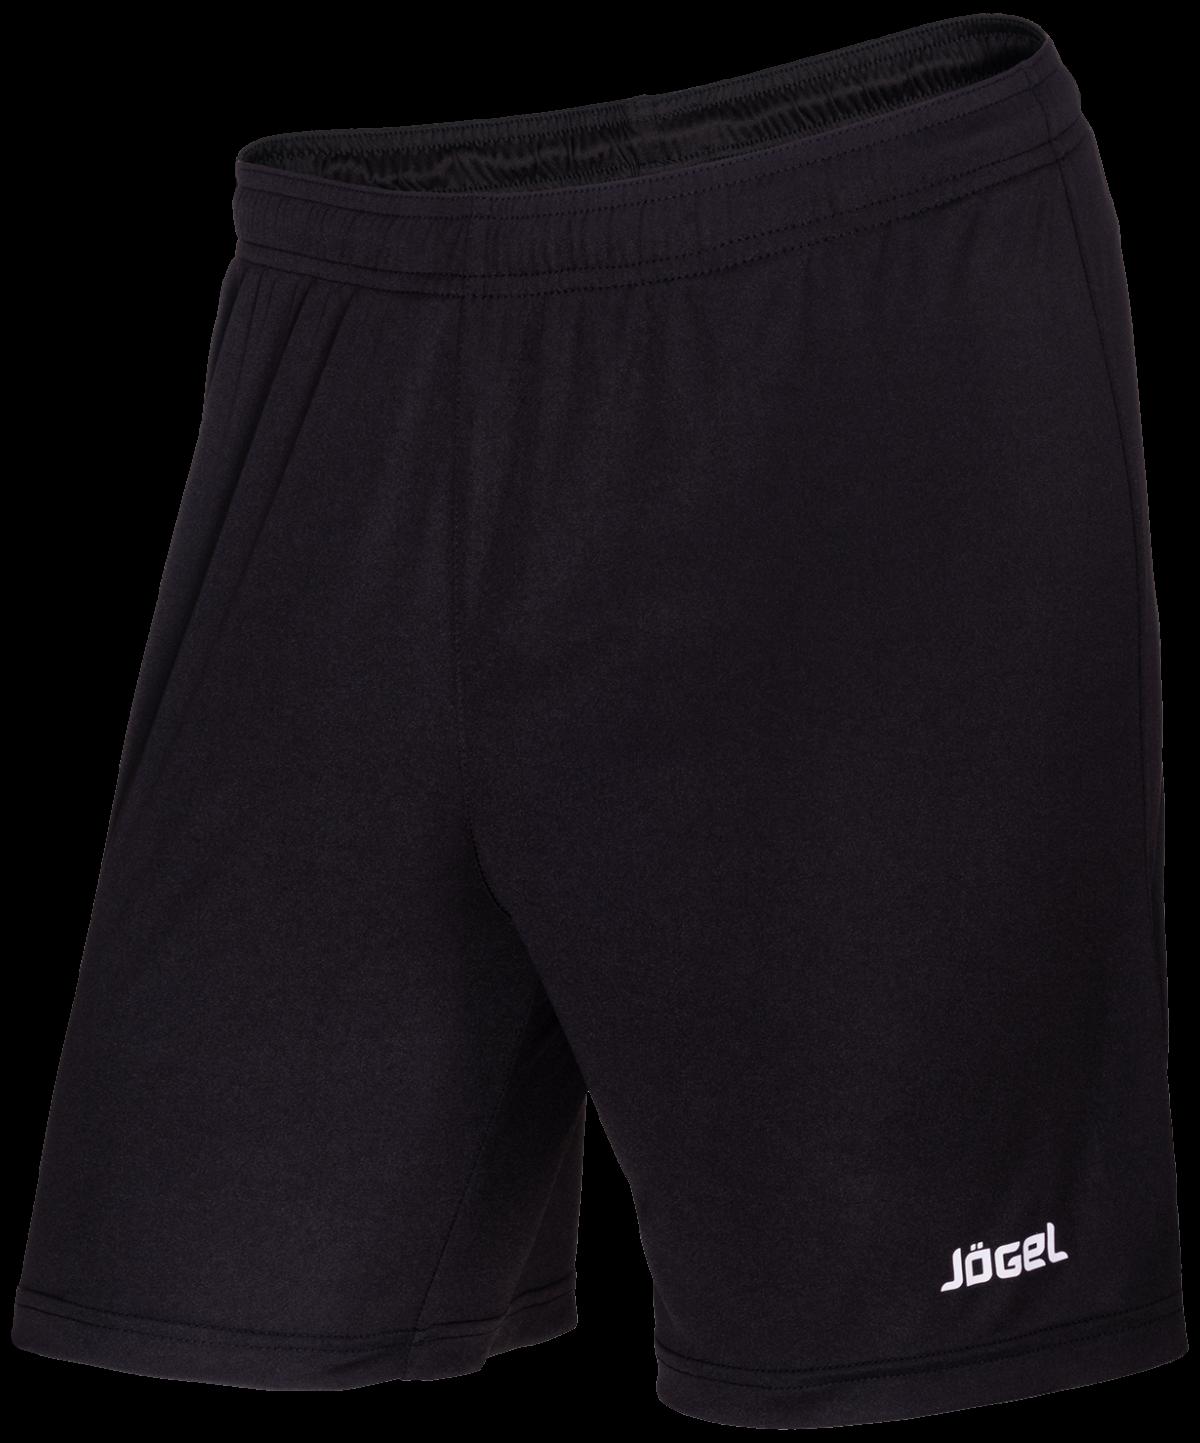 JOGEL Шорты футбольные, черный/белый  JFS-1110-061 - 1